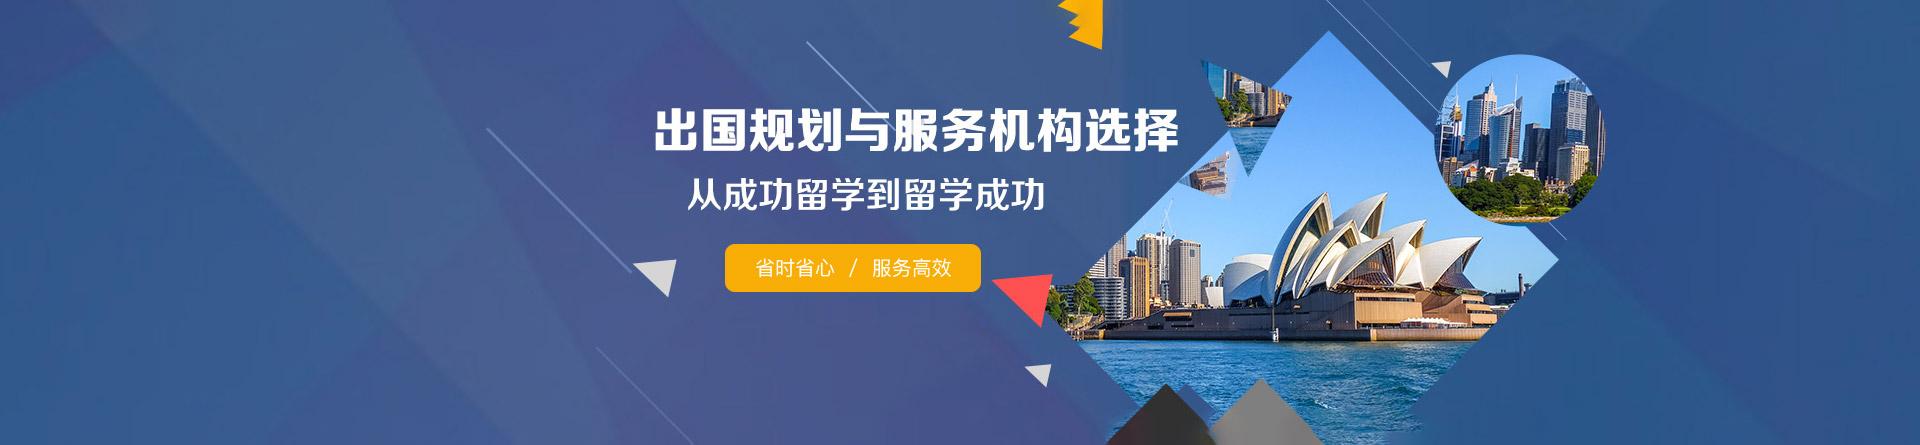 河南安阳飞洋留学机构